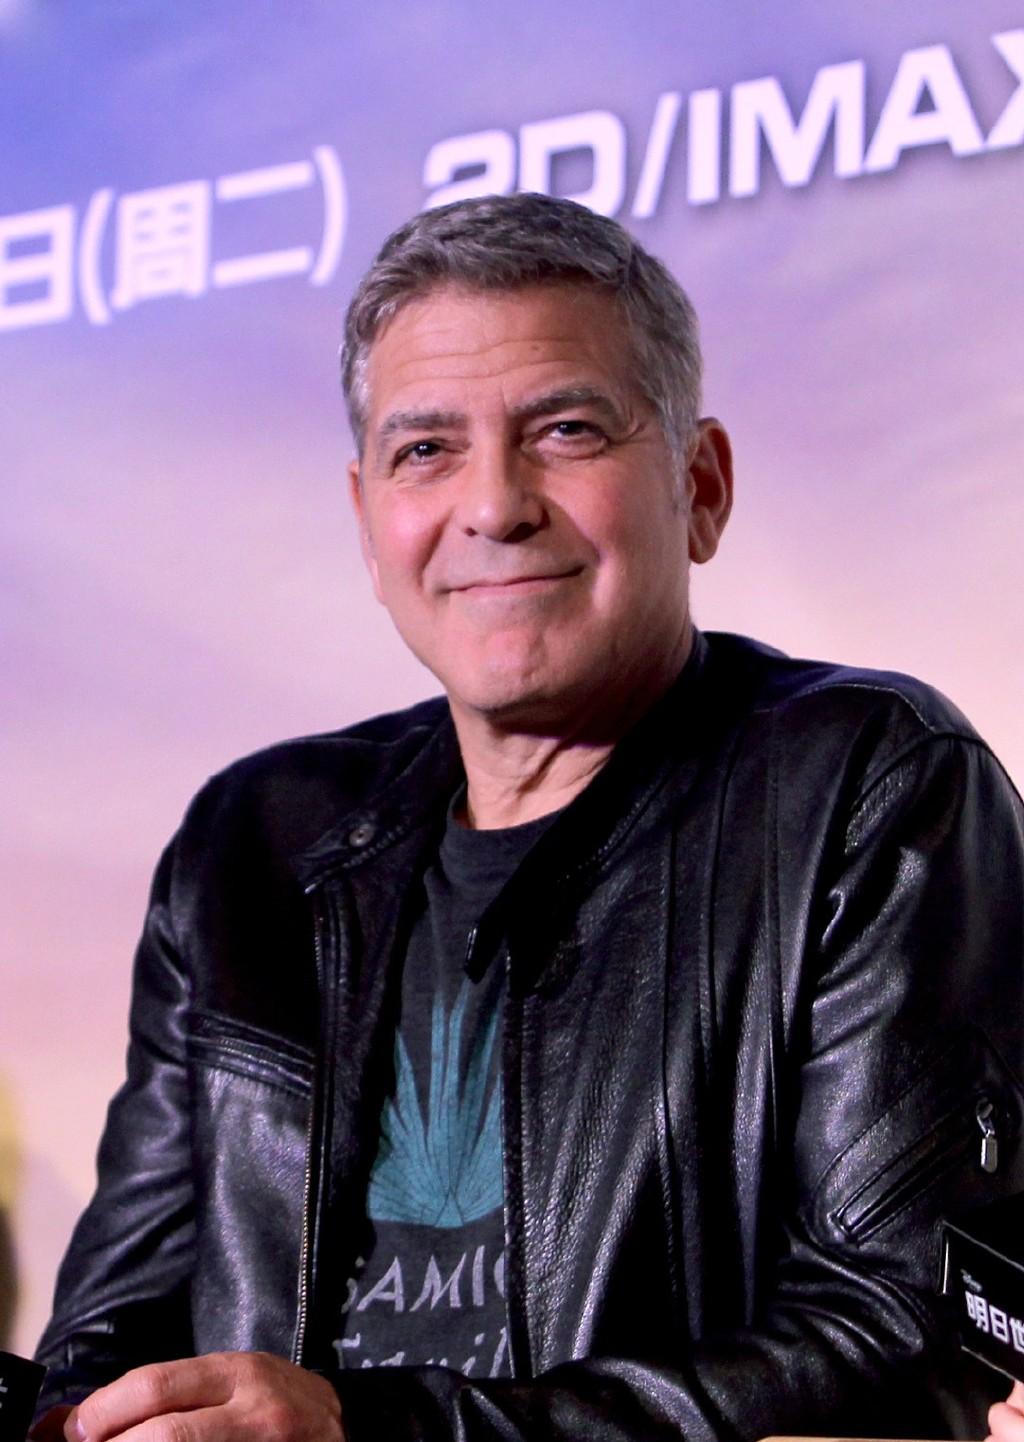 George Clooney in Shanghai Tomorrowland Premier 22. May 2015 61e75fb8gw1esd77vgmg7j20u116a46q